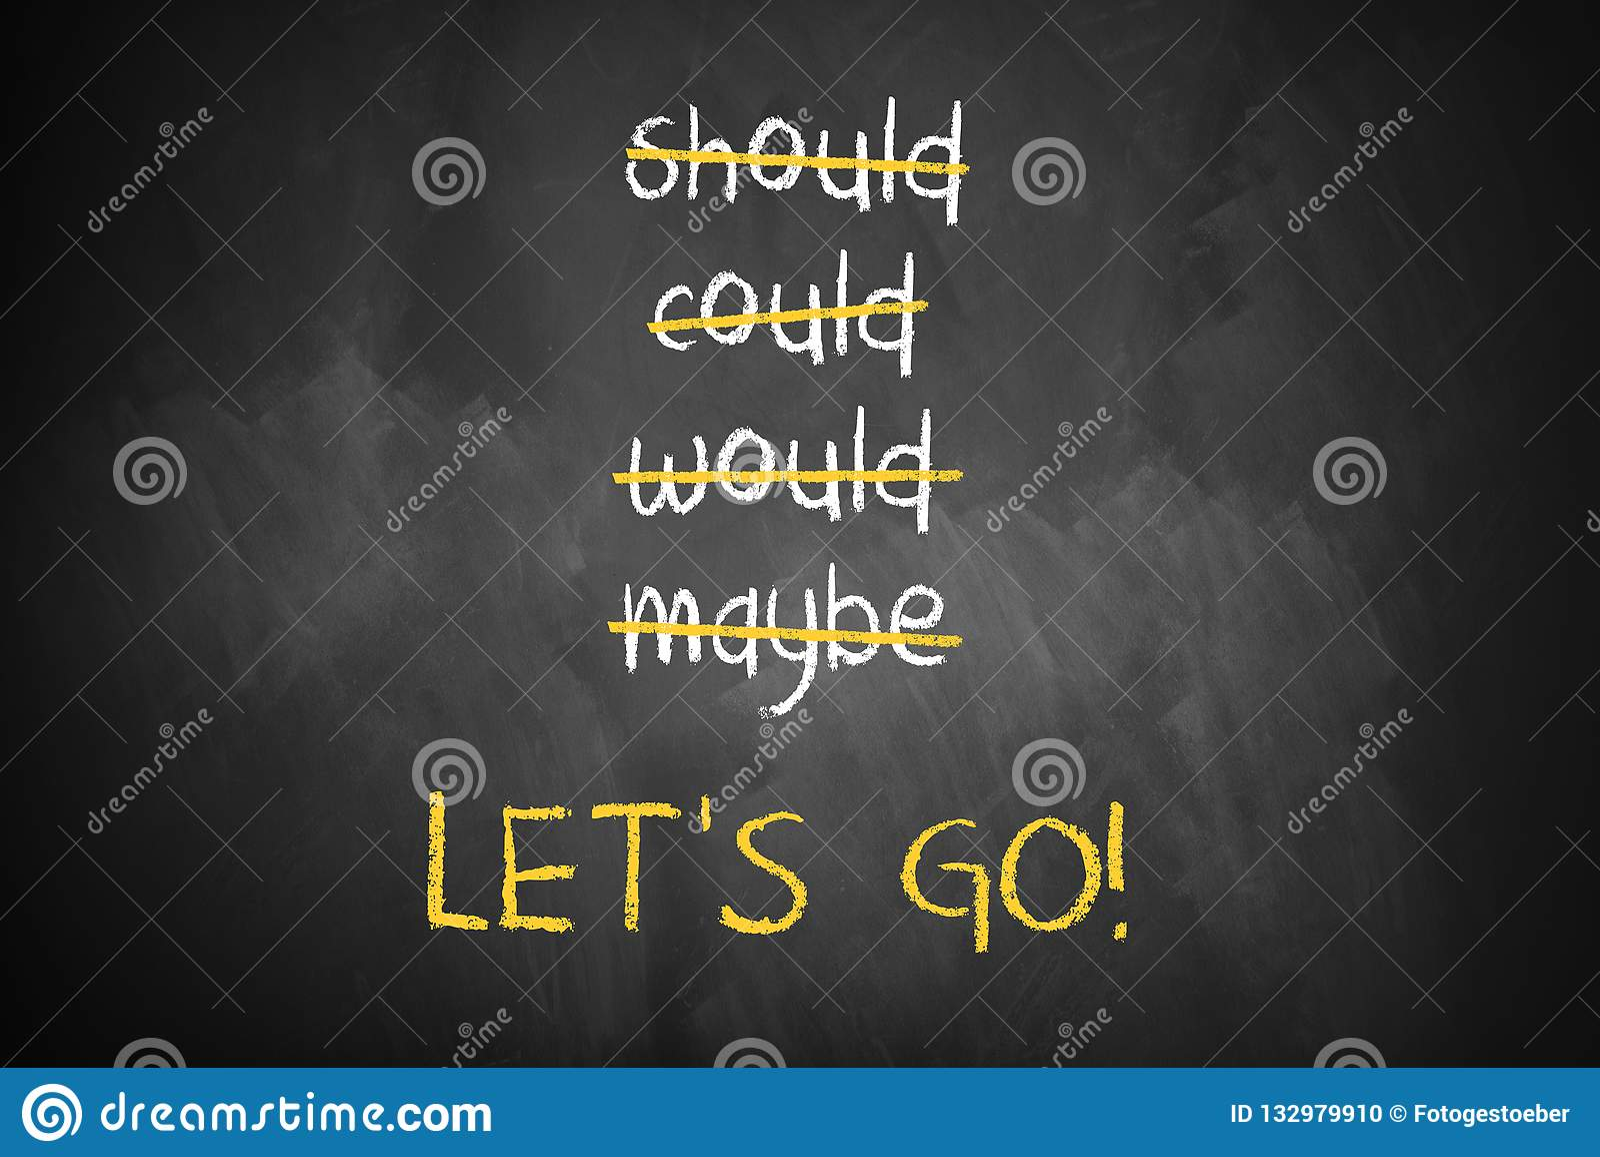 被抚摸的词喜欢可能并且应该,并且'让我们走'在底部